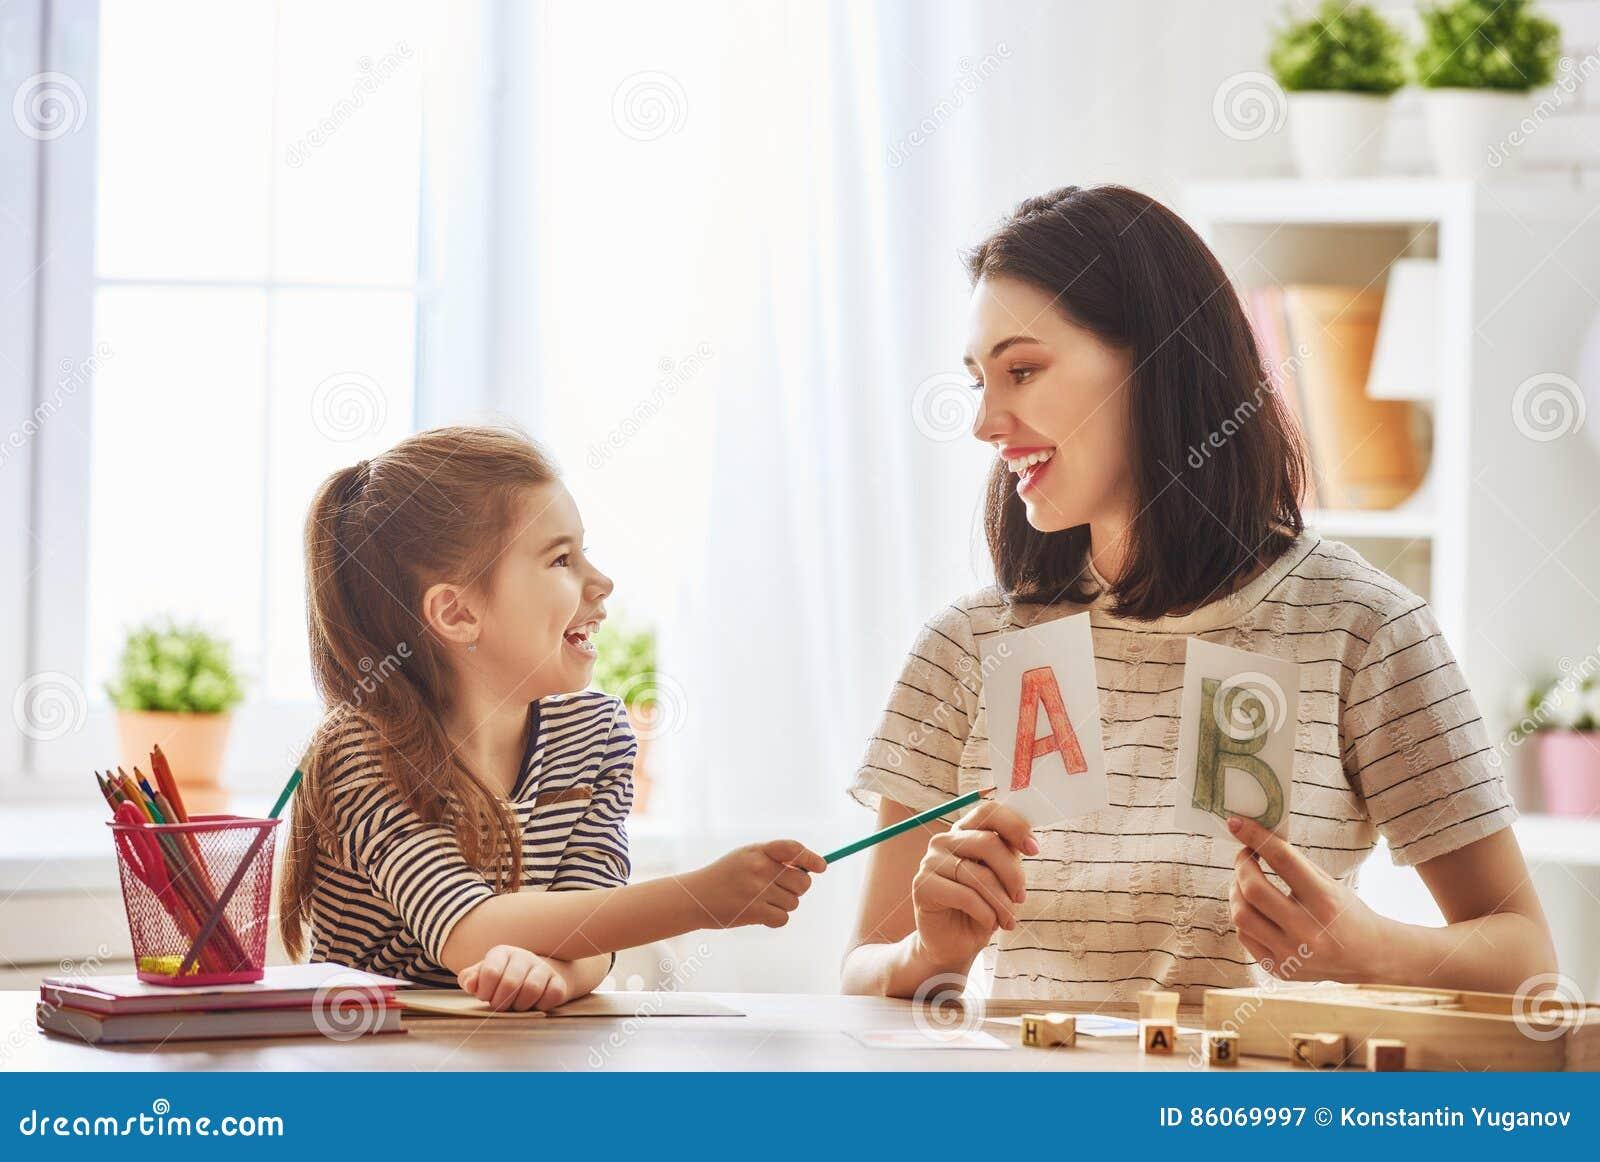 Frau bringt Kind das Alphabet bei